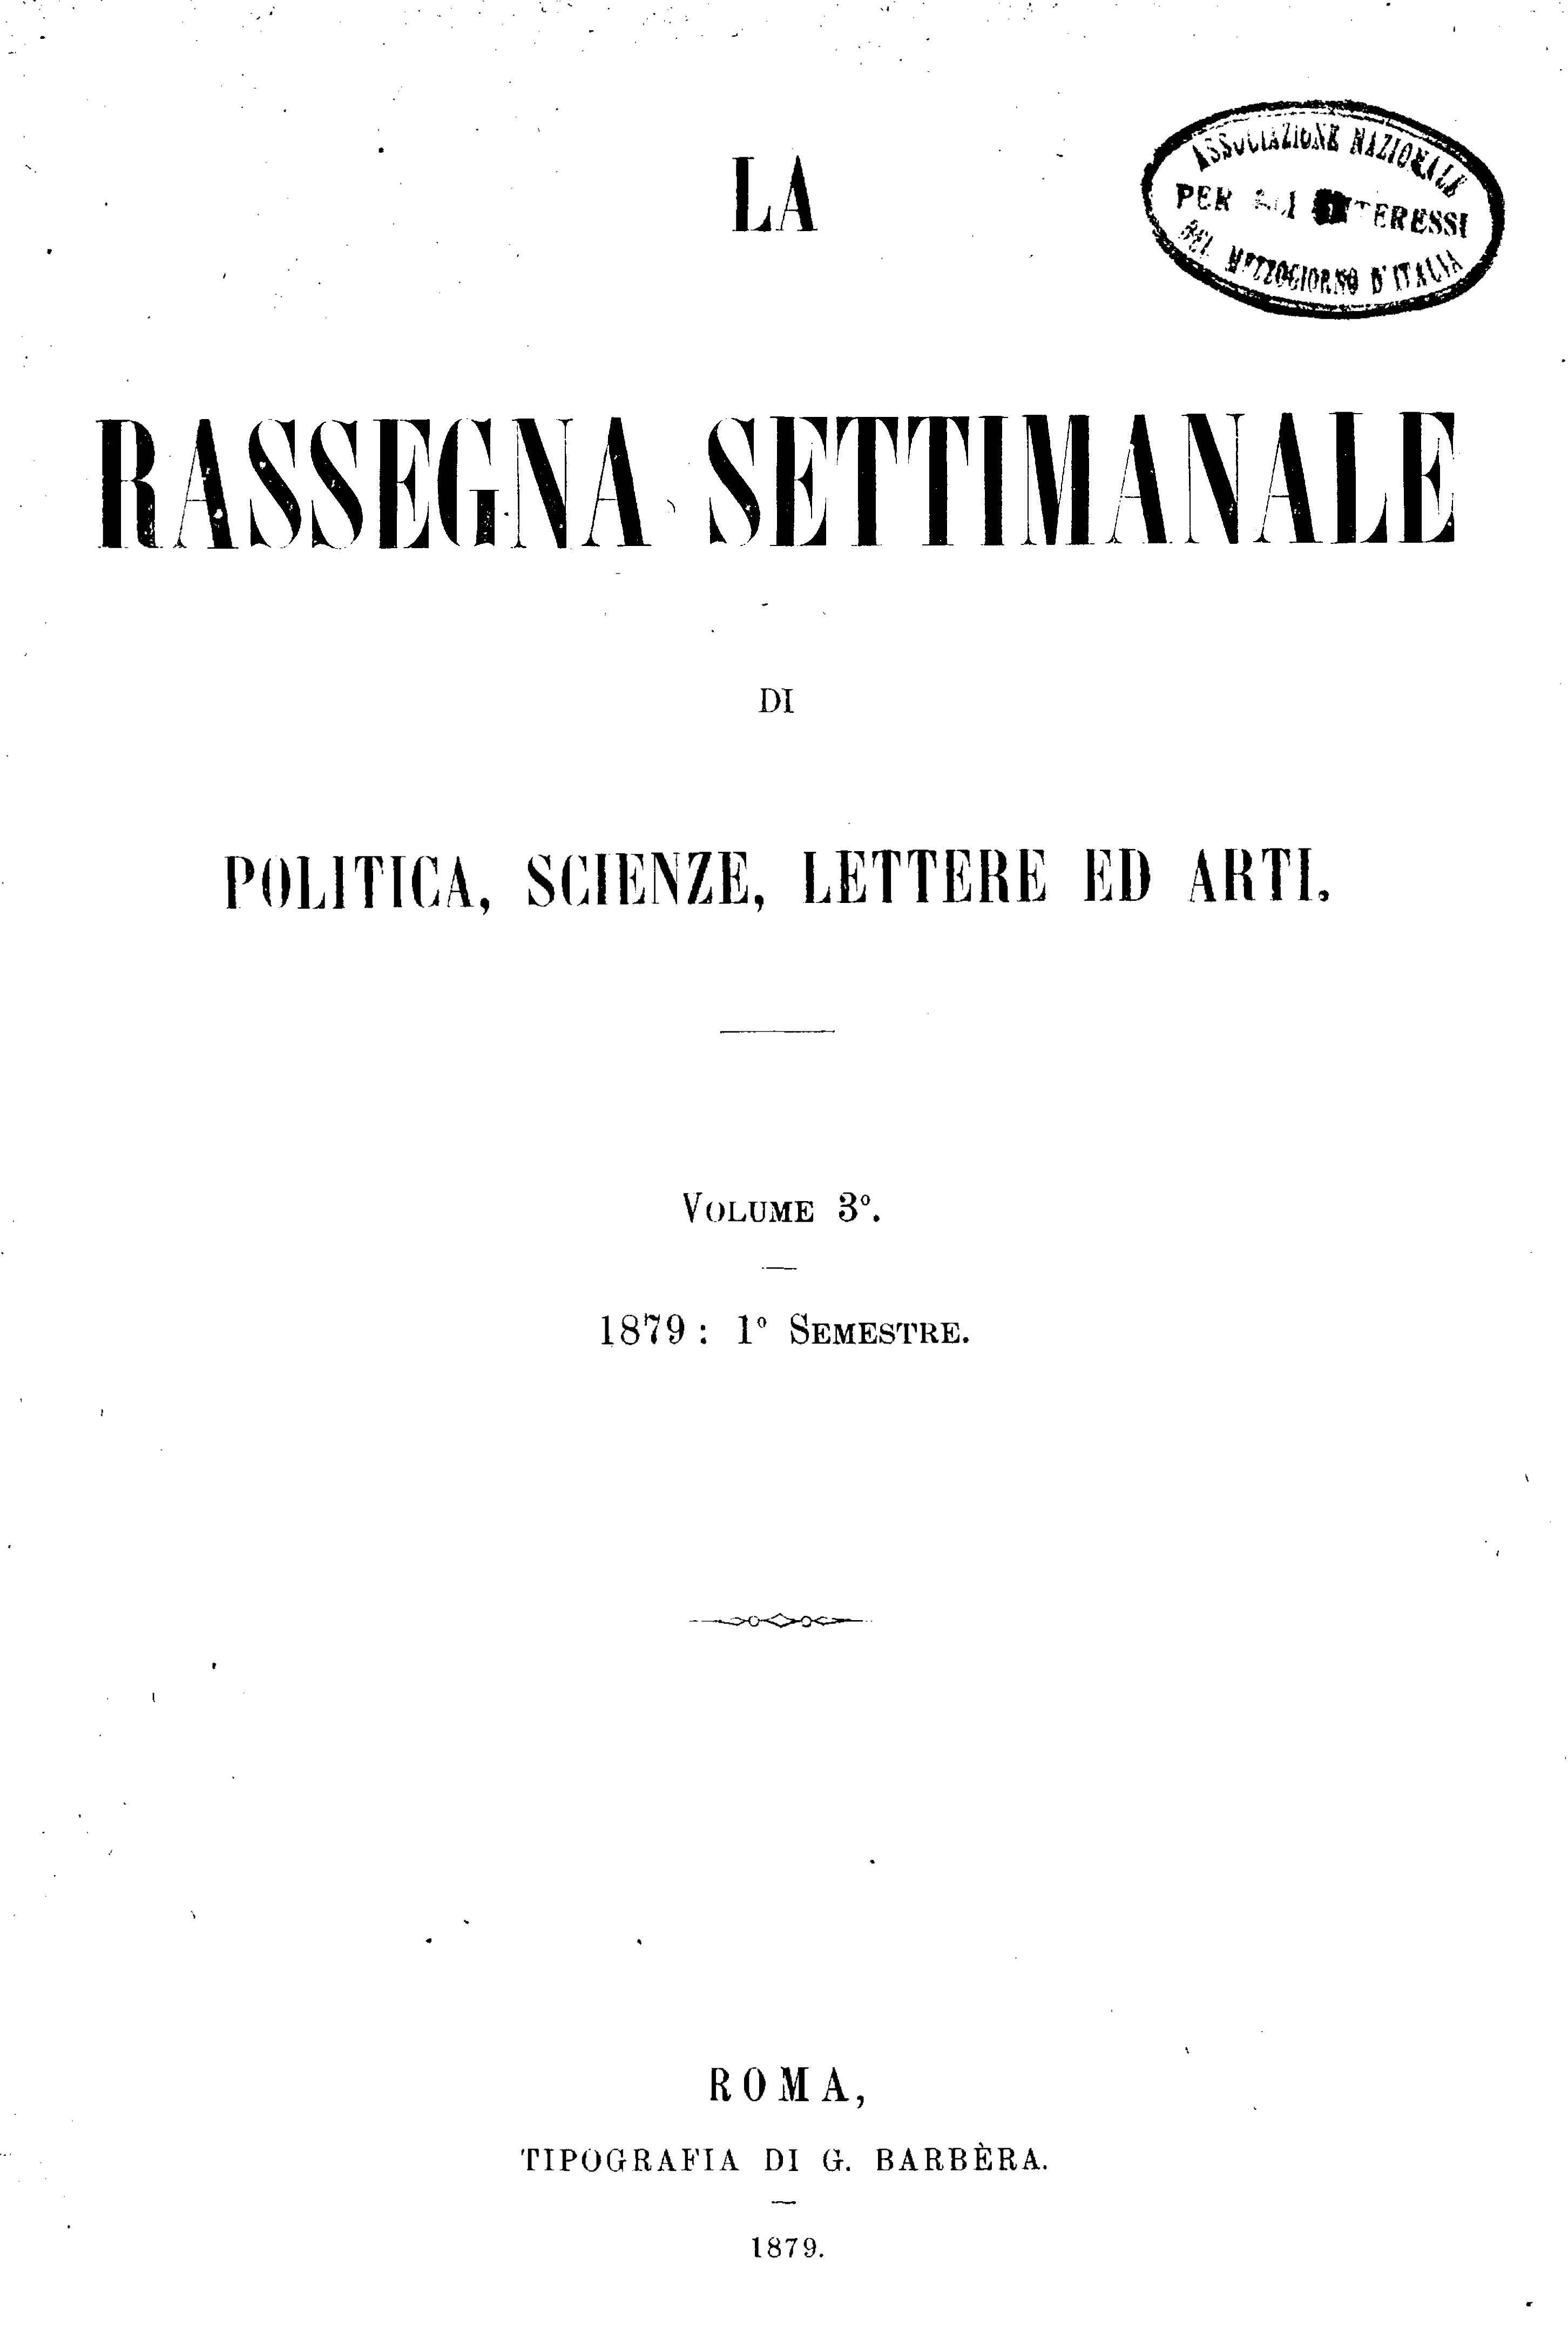 Fascicolo 68 - Volume 3 - 1879 - Semestre 1 - Trimestre 1